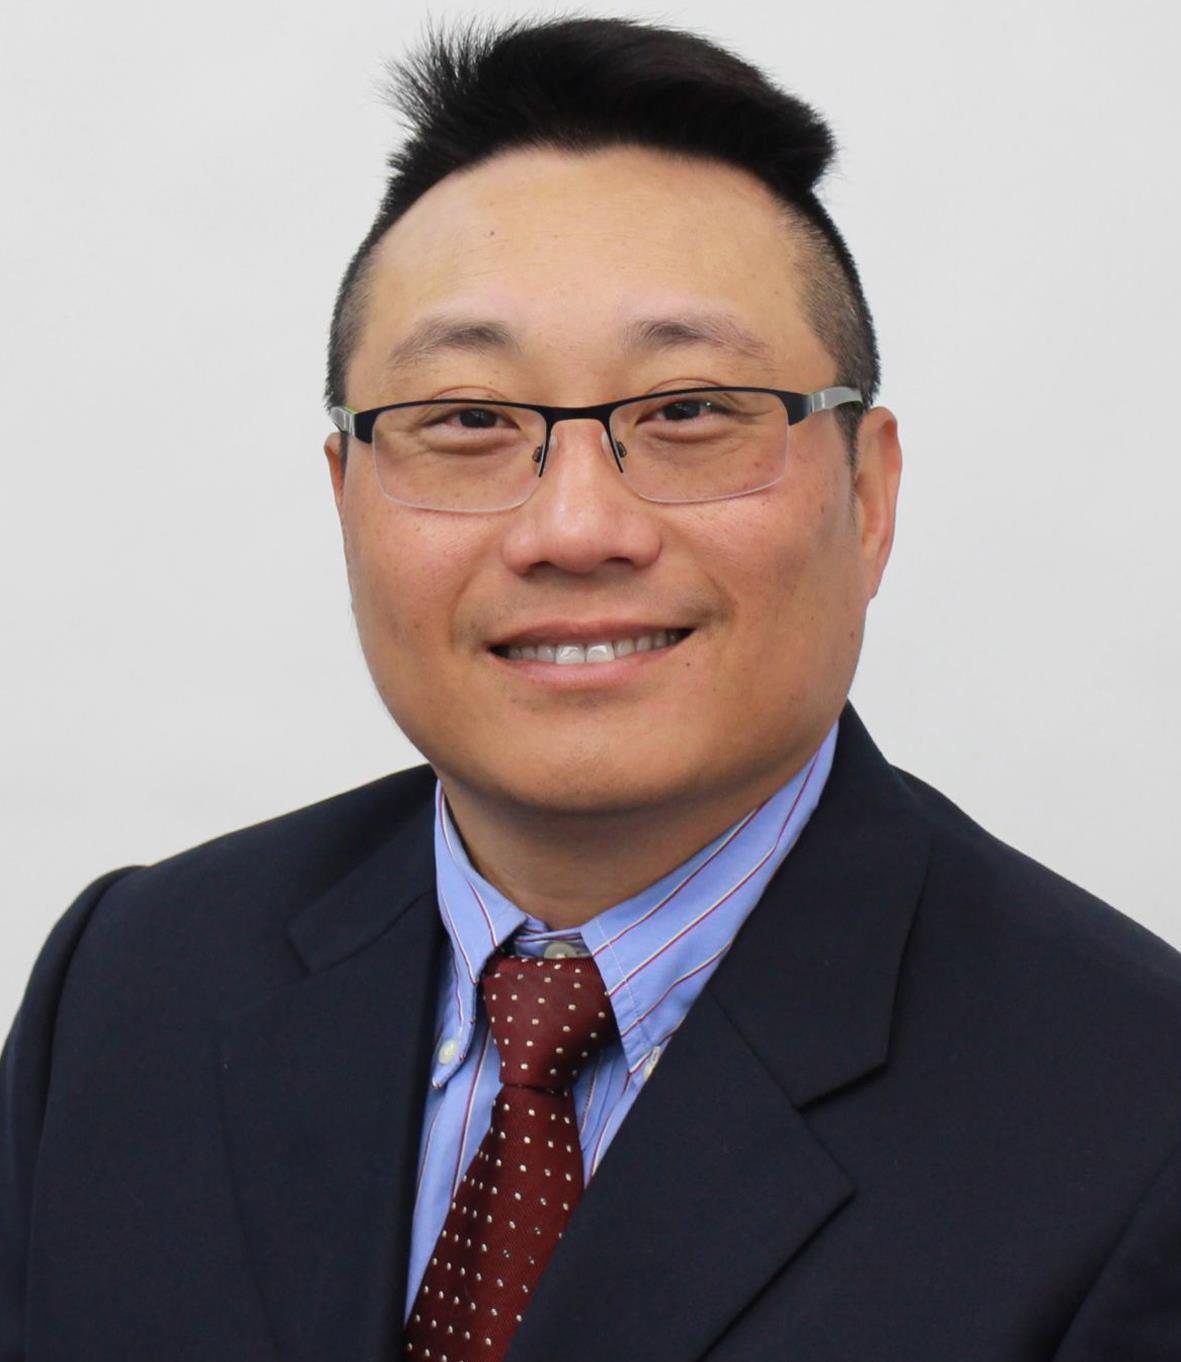 William Chou